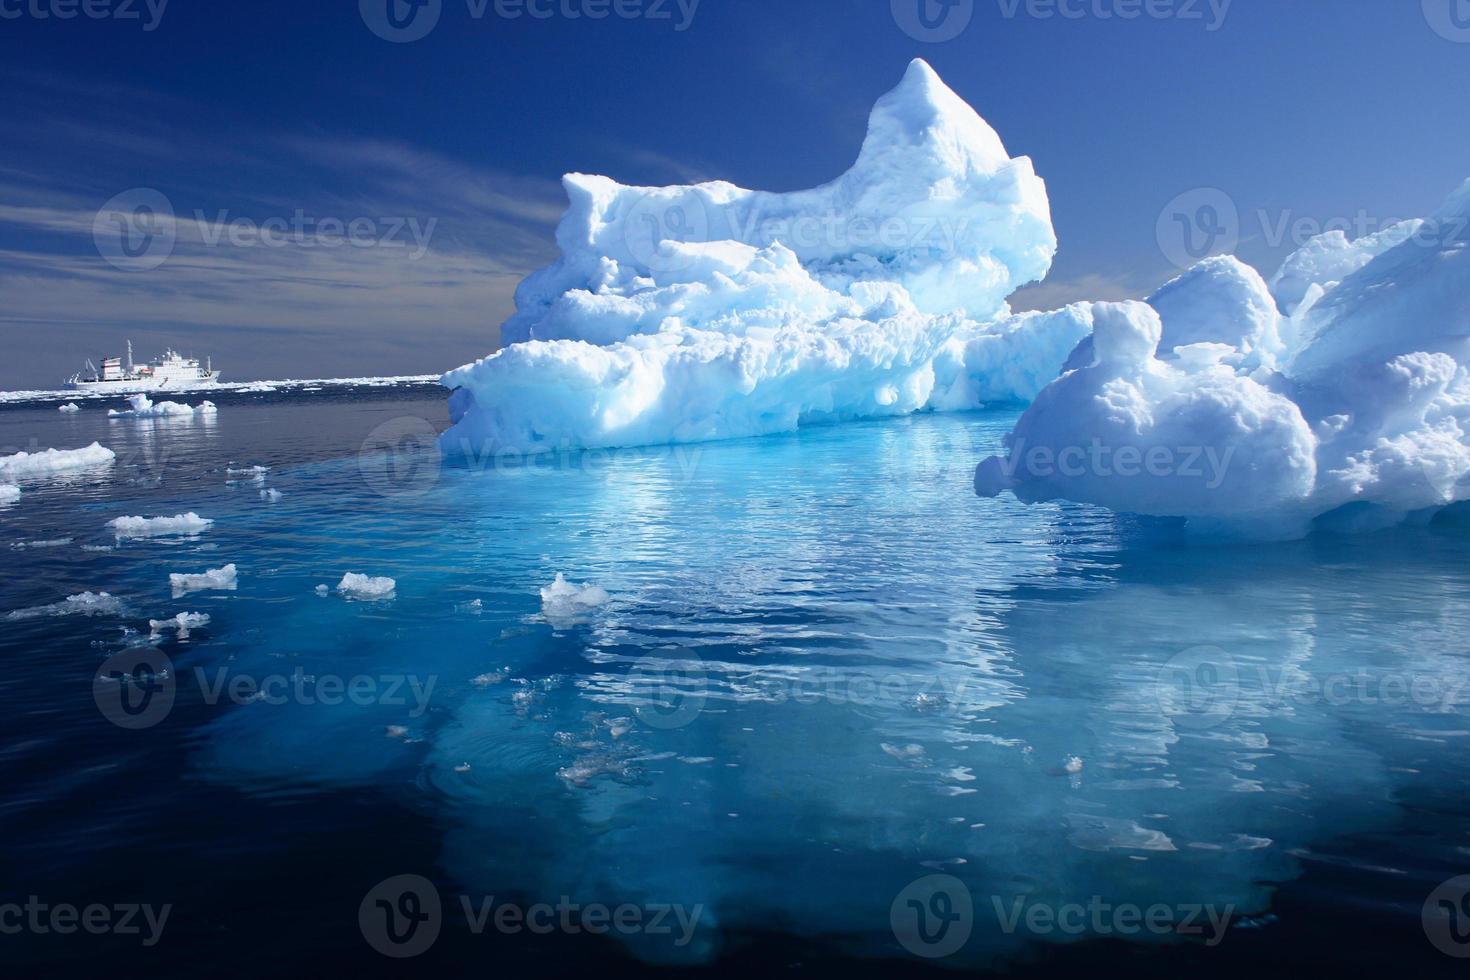 Eisberg und Schiff in der Arktis foto